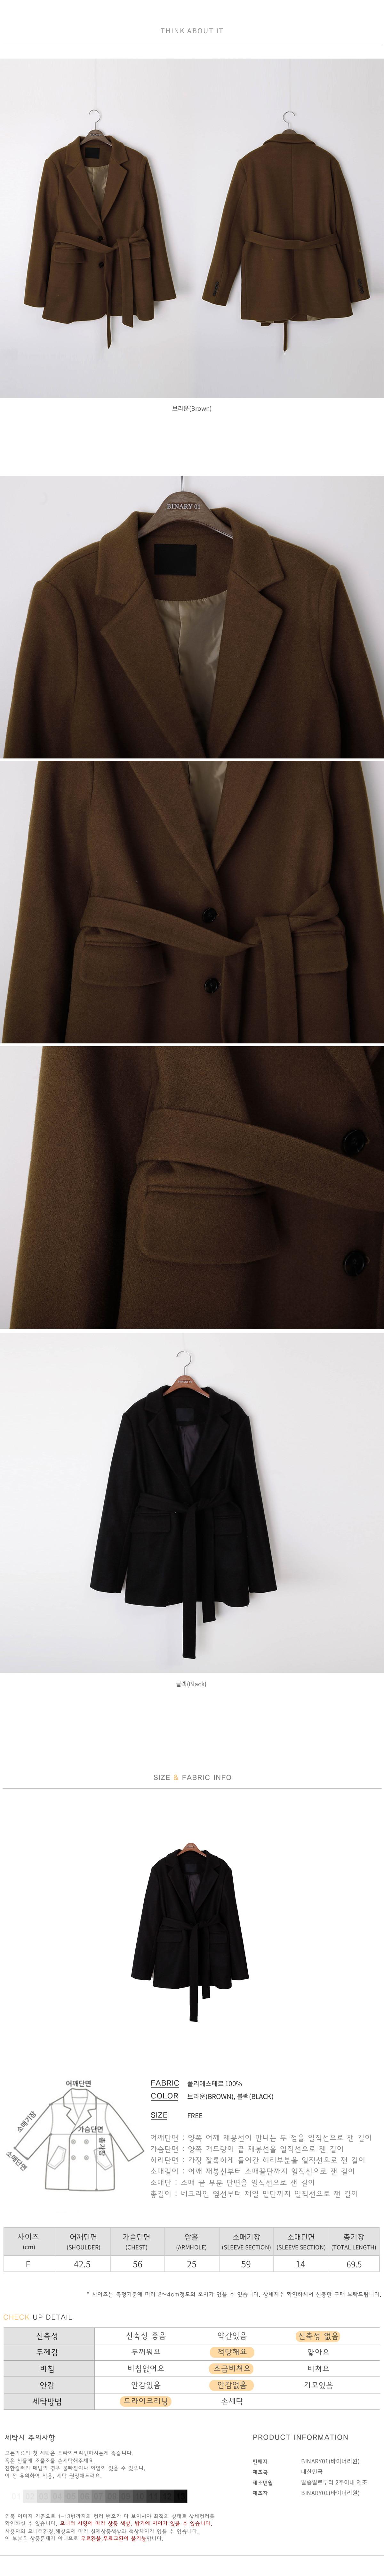 Belted Harley Loose Fit Jacket